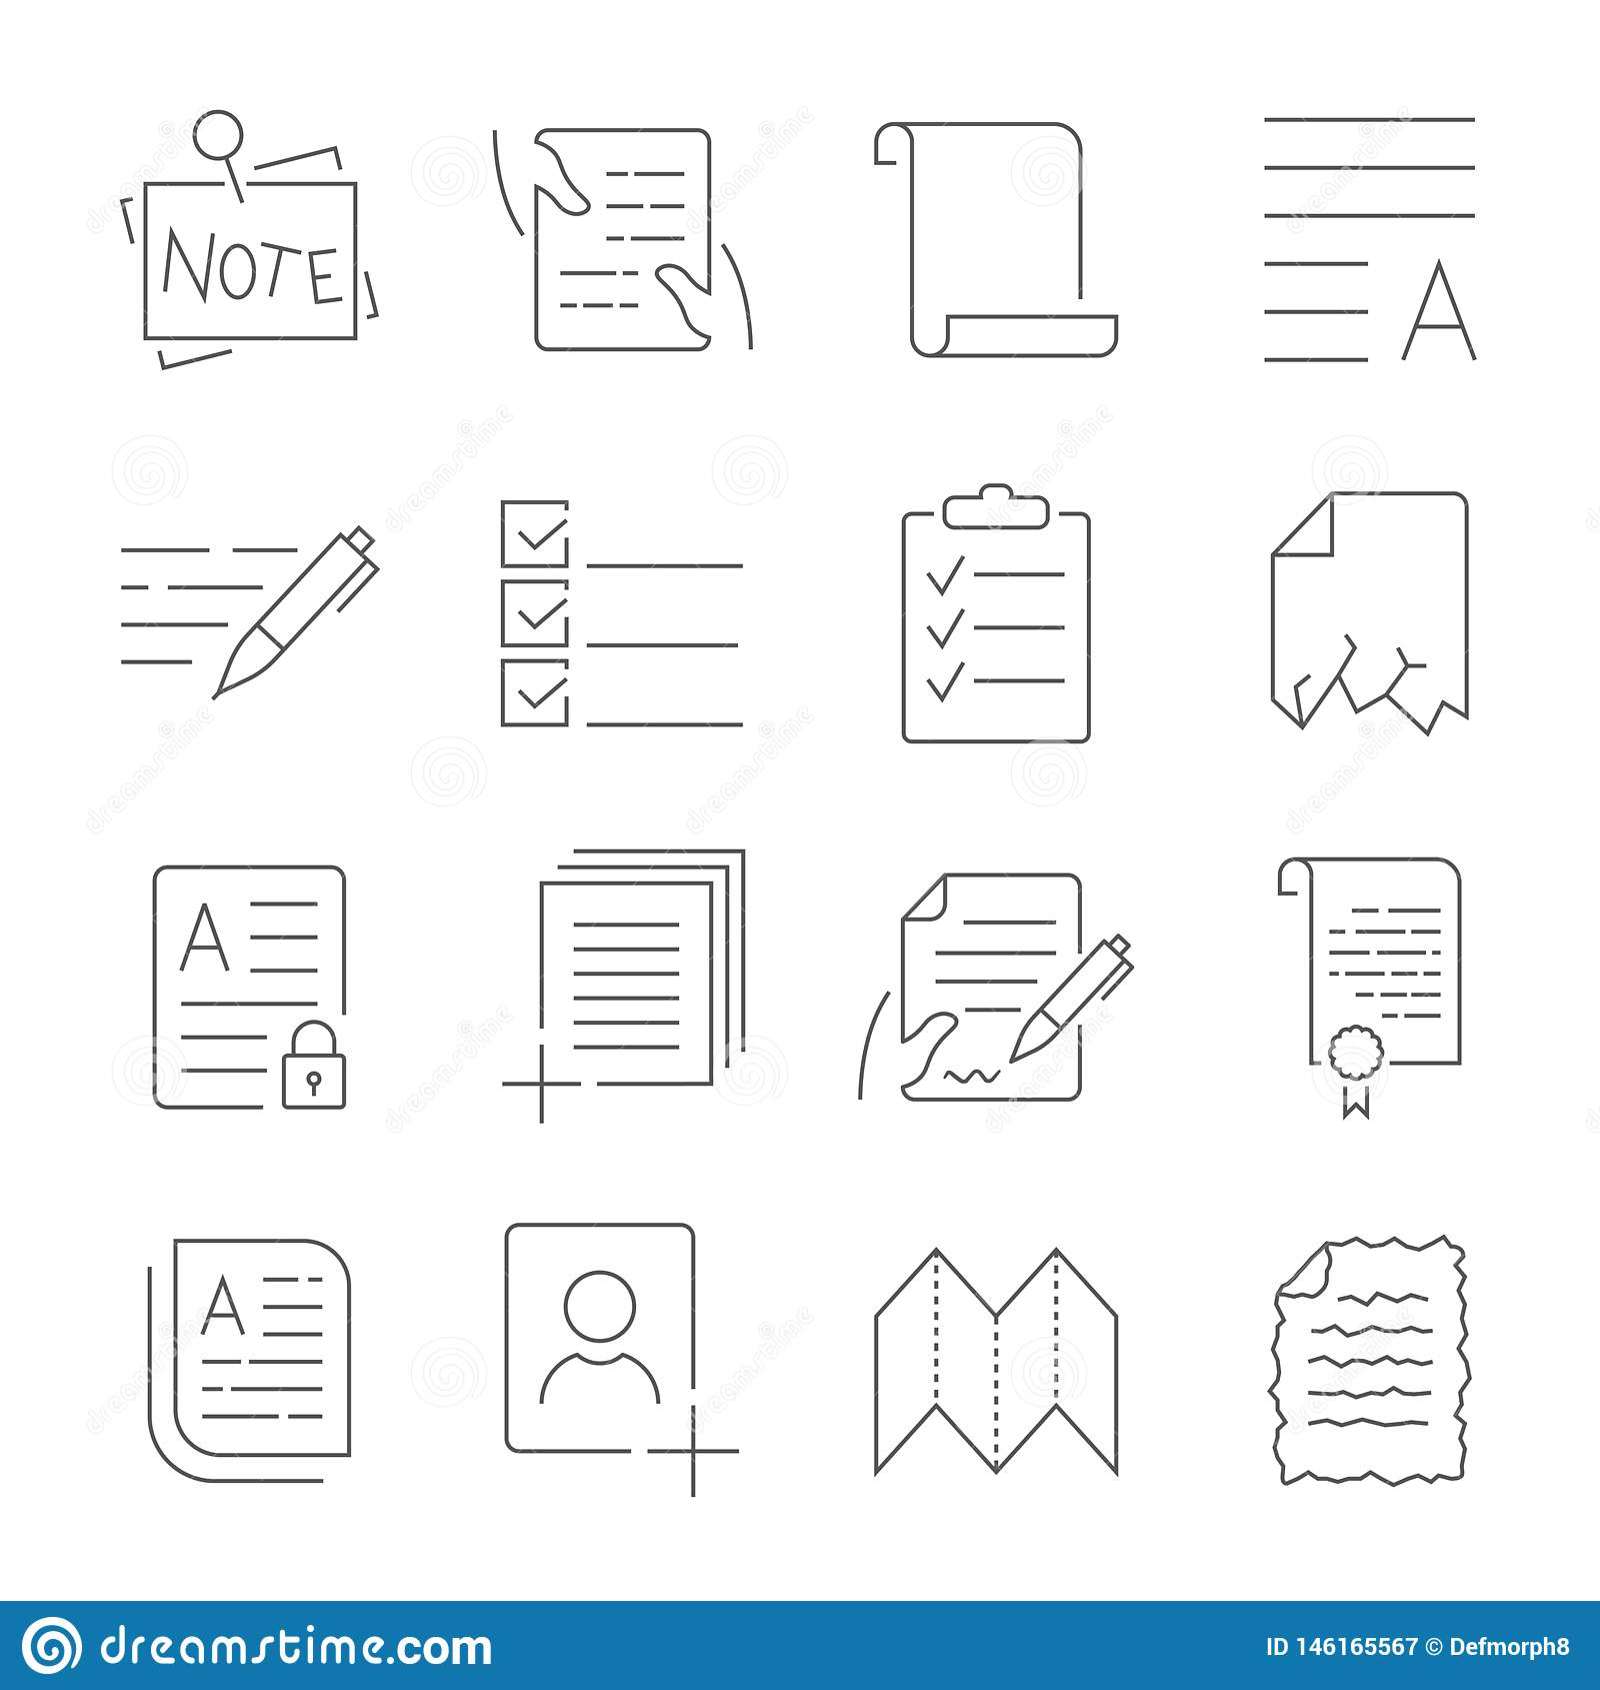 Απλό σύνολο εικονιδίων διοικητικών διανυσματικών γραμμών ροής εγγράφων Περιέχει τέτοια εικονίδια όπως το τσαλακωμένο χαλασμένο έγ